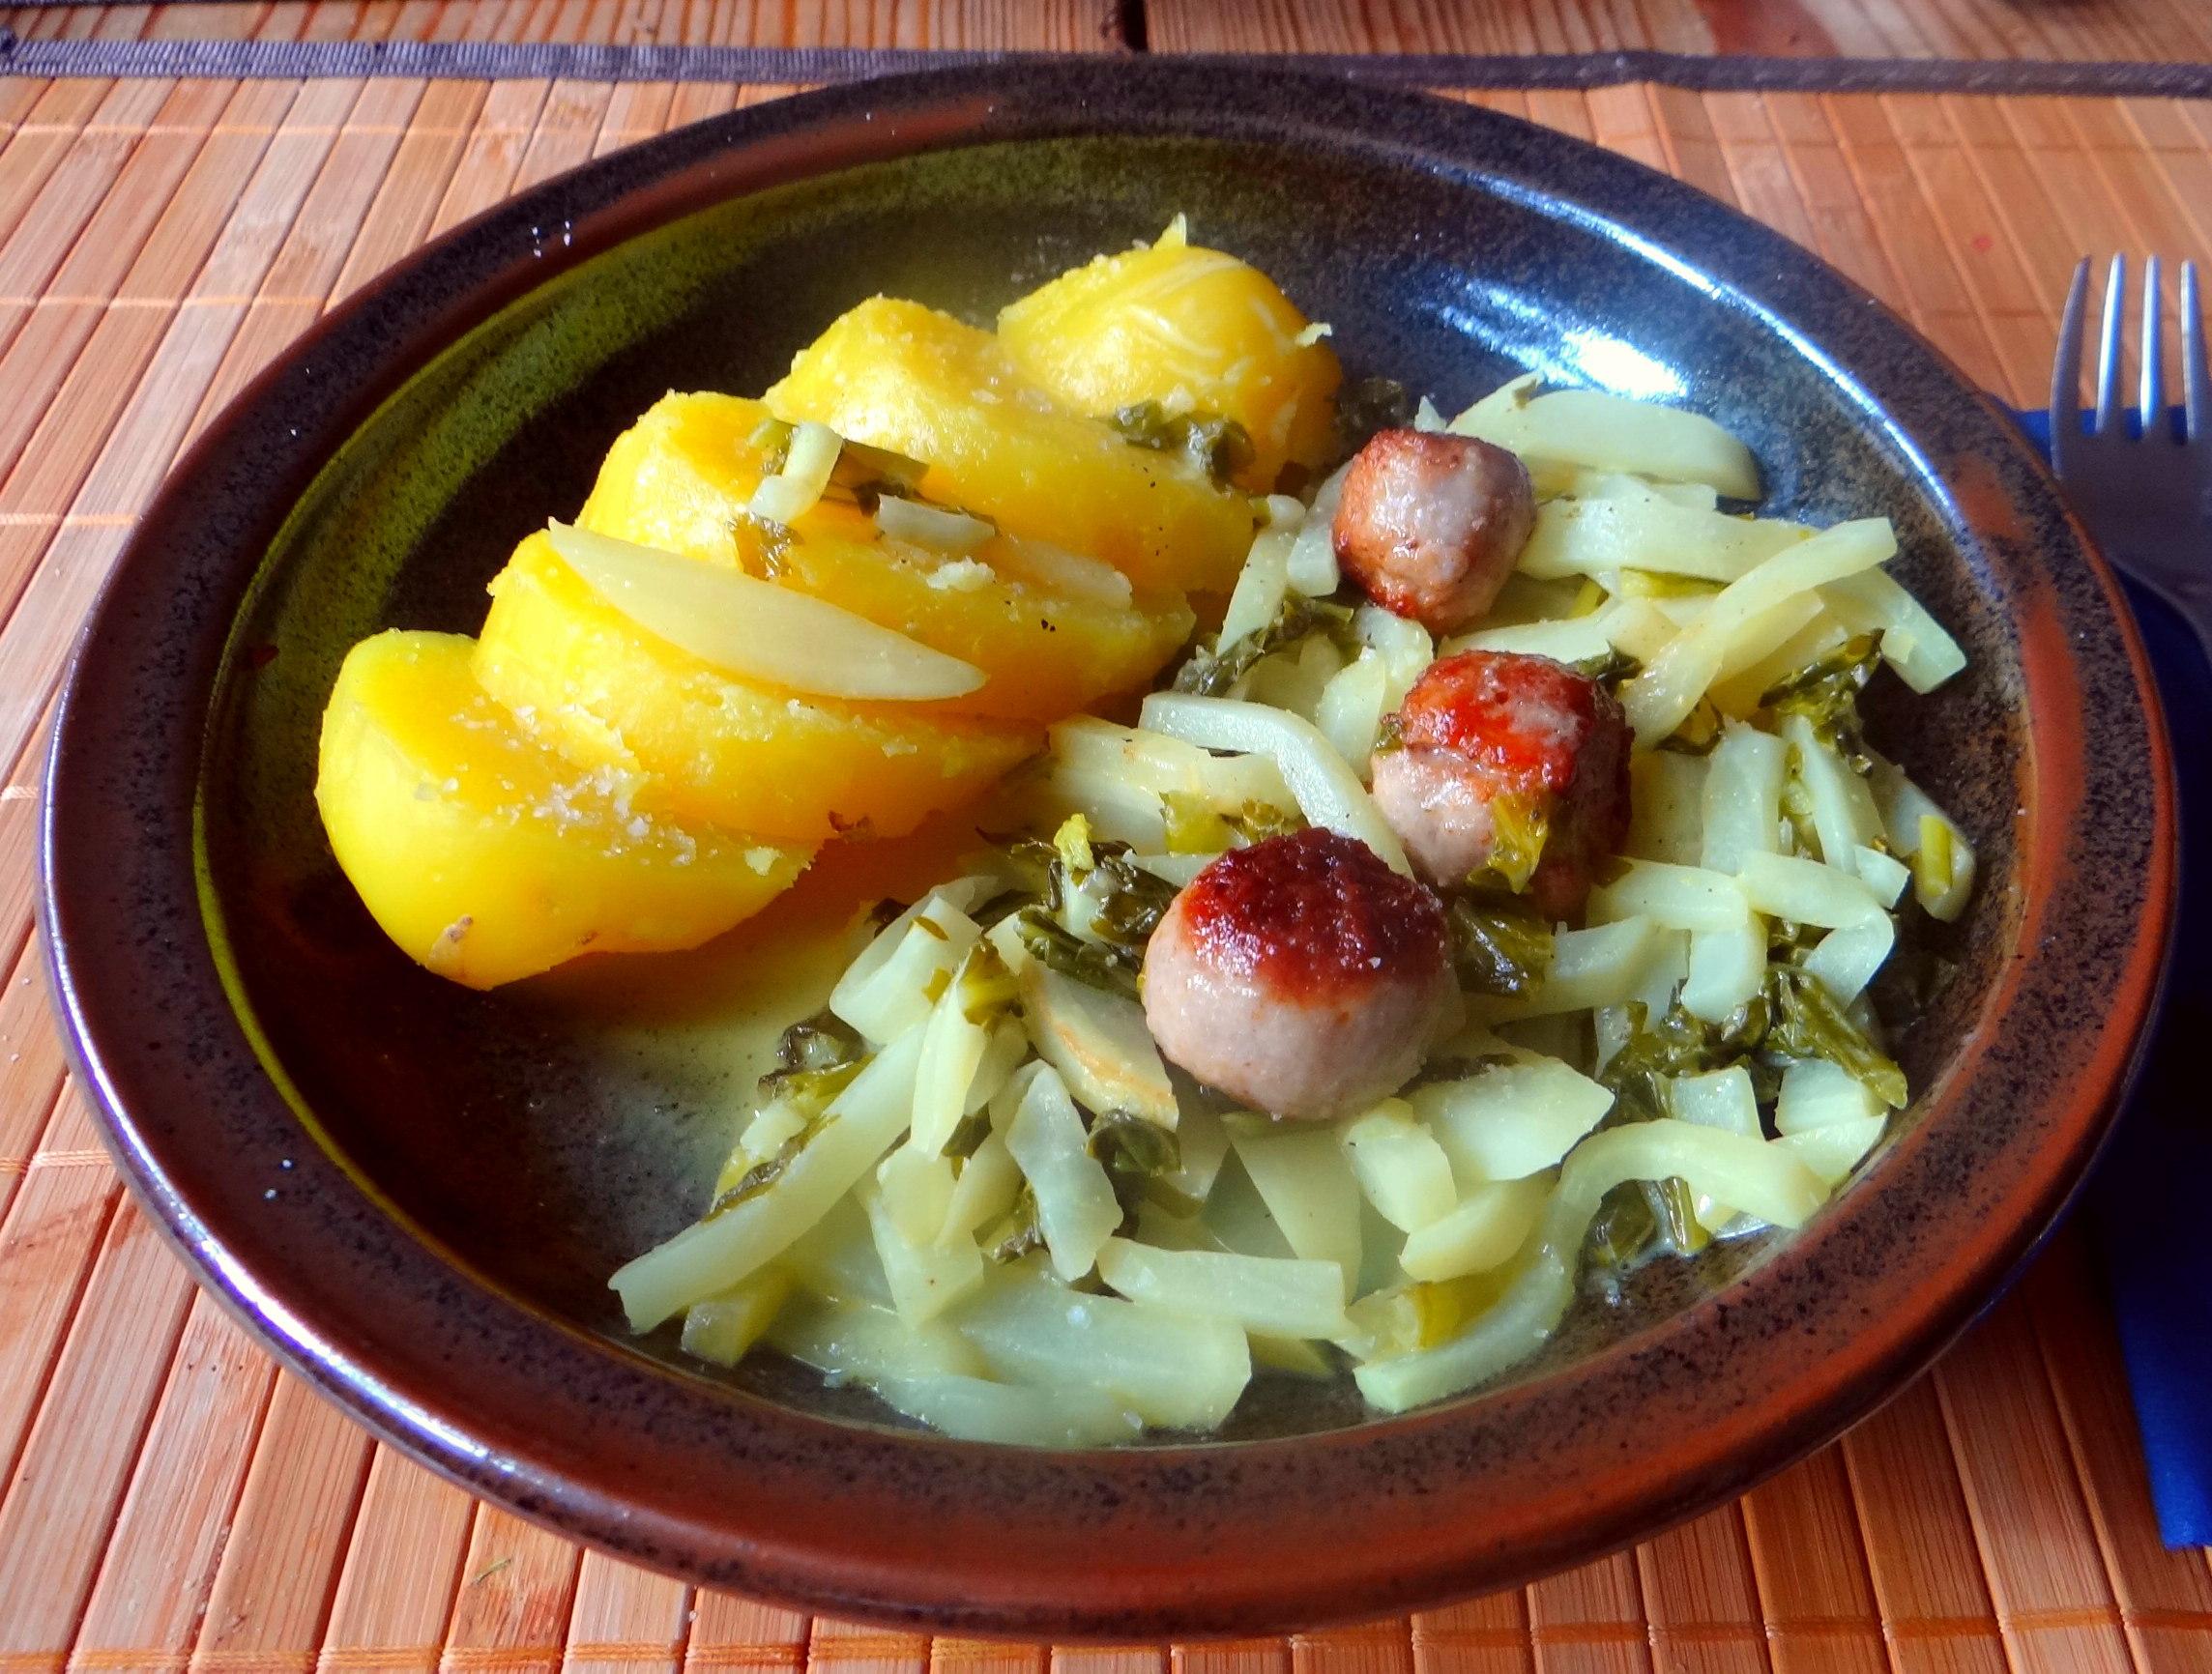 Mairübchen,Mettbällchen,Kartoffeln,Obstsalat (2)